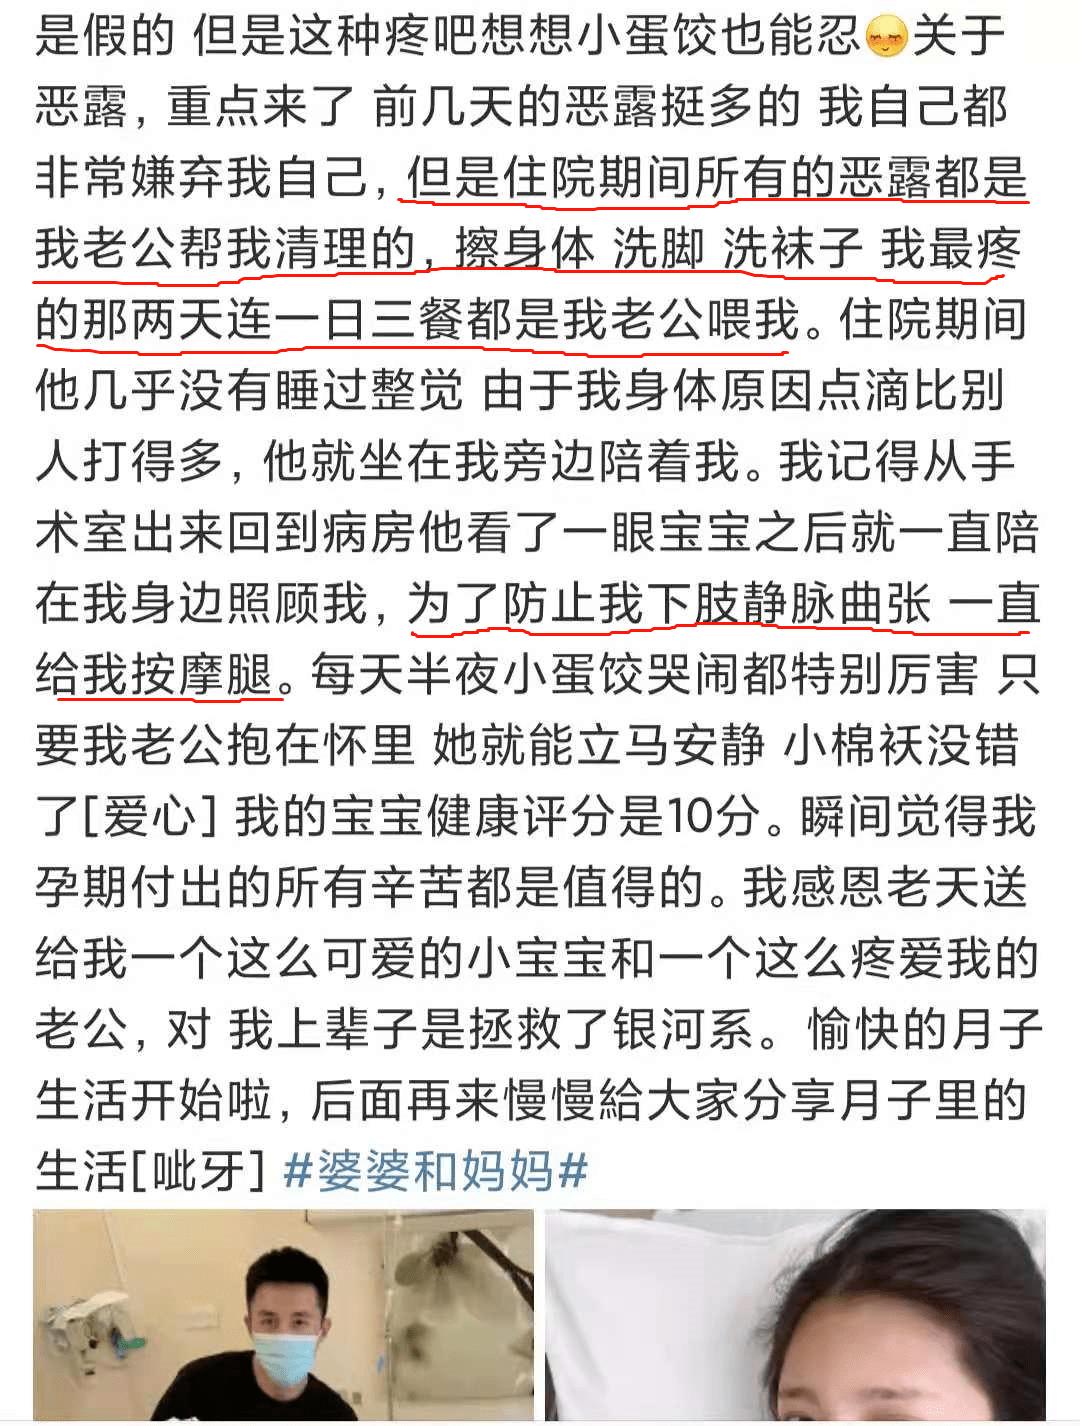 杜淳陪妻子生产细节曝光!这才是女性生娃后最真实的一面…-家庭网